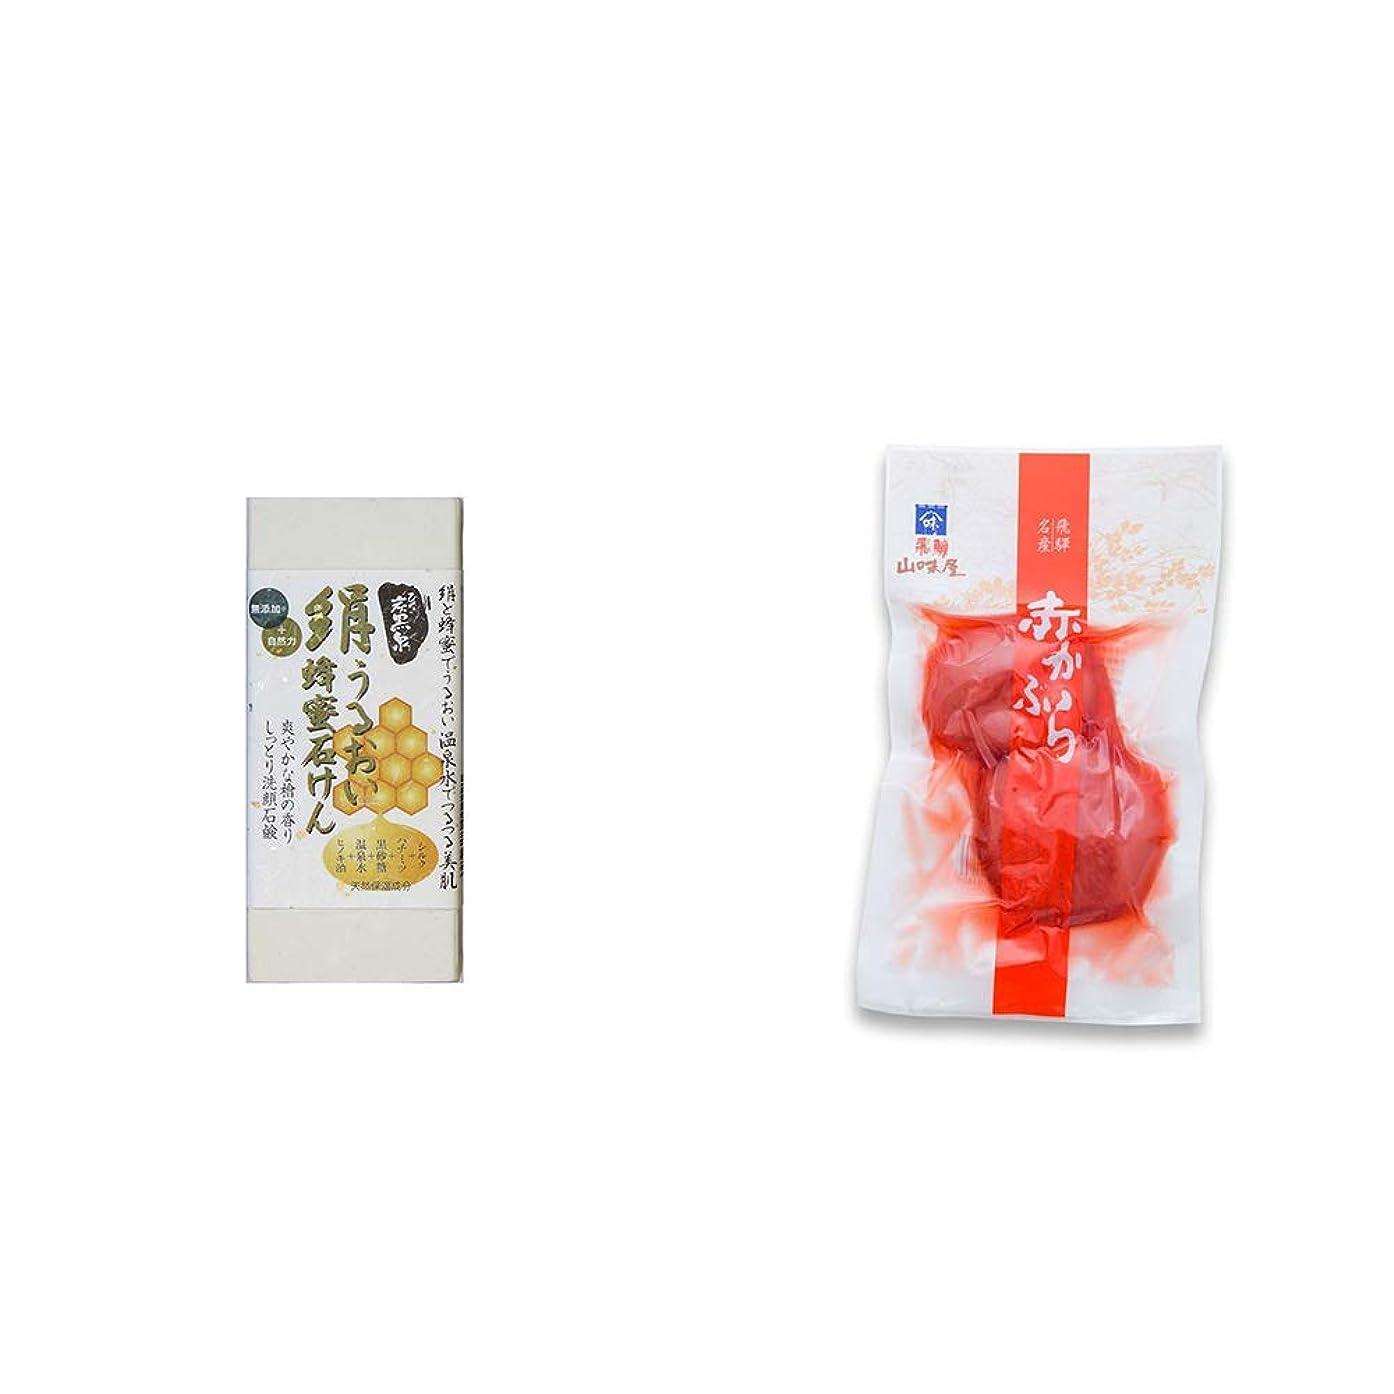 不当チョップファーム[2点セット] ひのき炭黒泉 絹うるおい蜂蜜石けん(75g×2)?飛騨山味屋 赤かぶら【小】(140g)